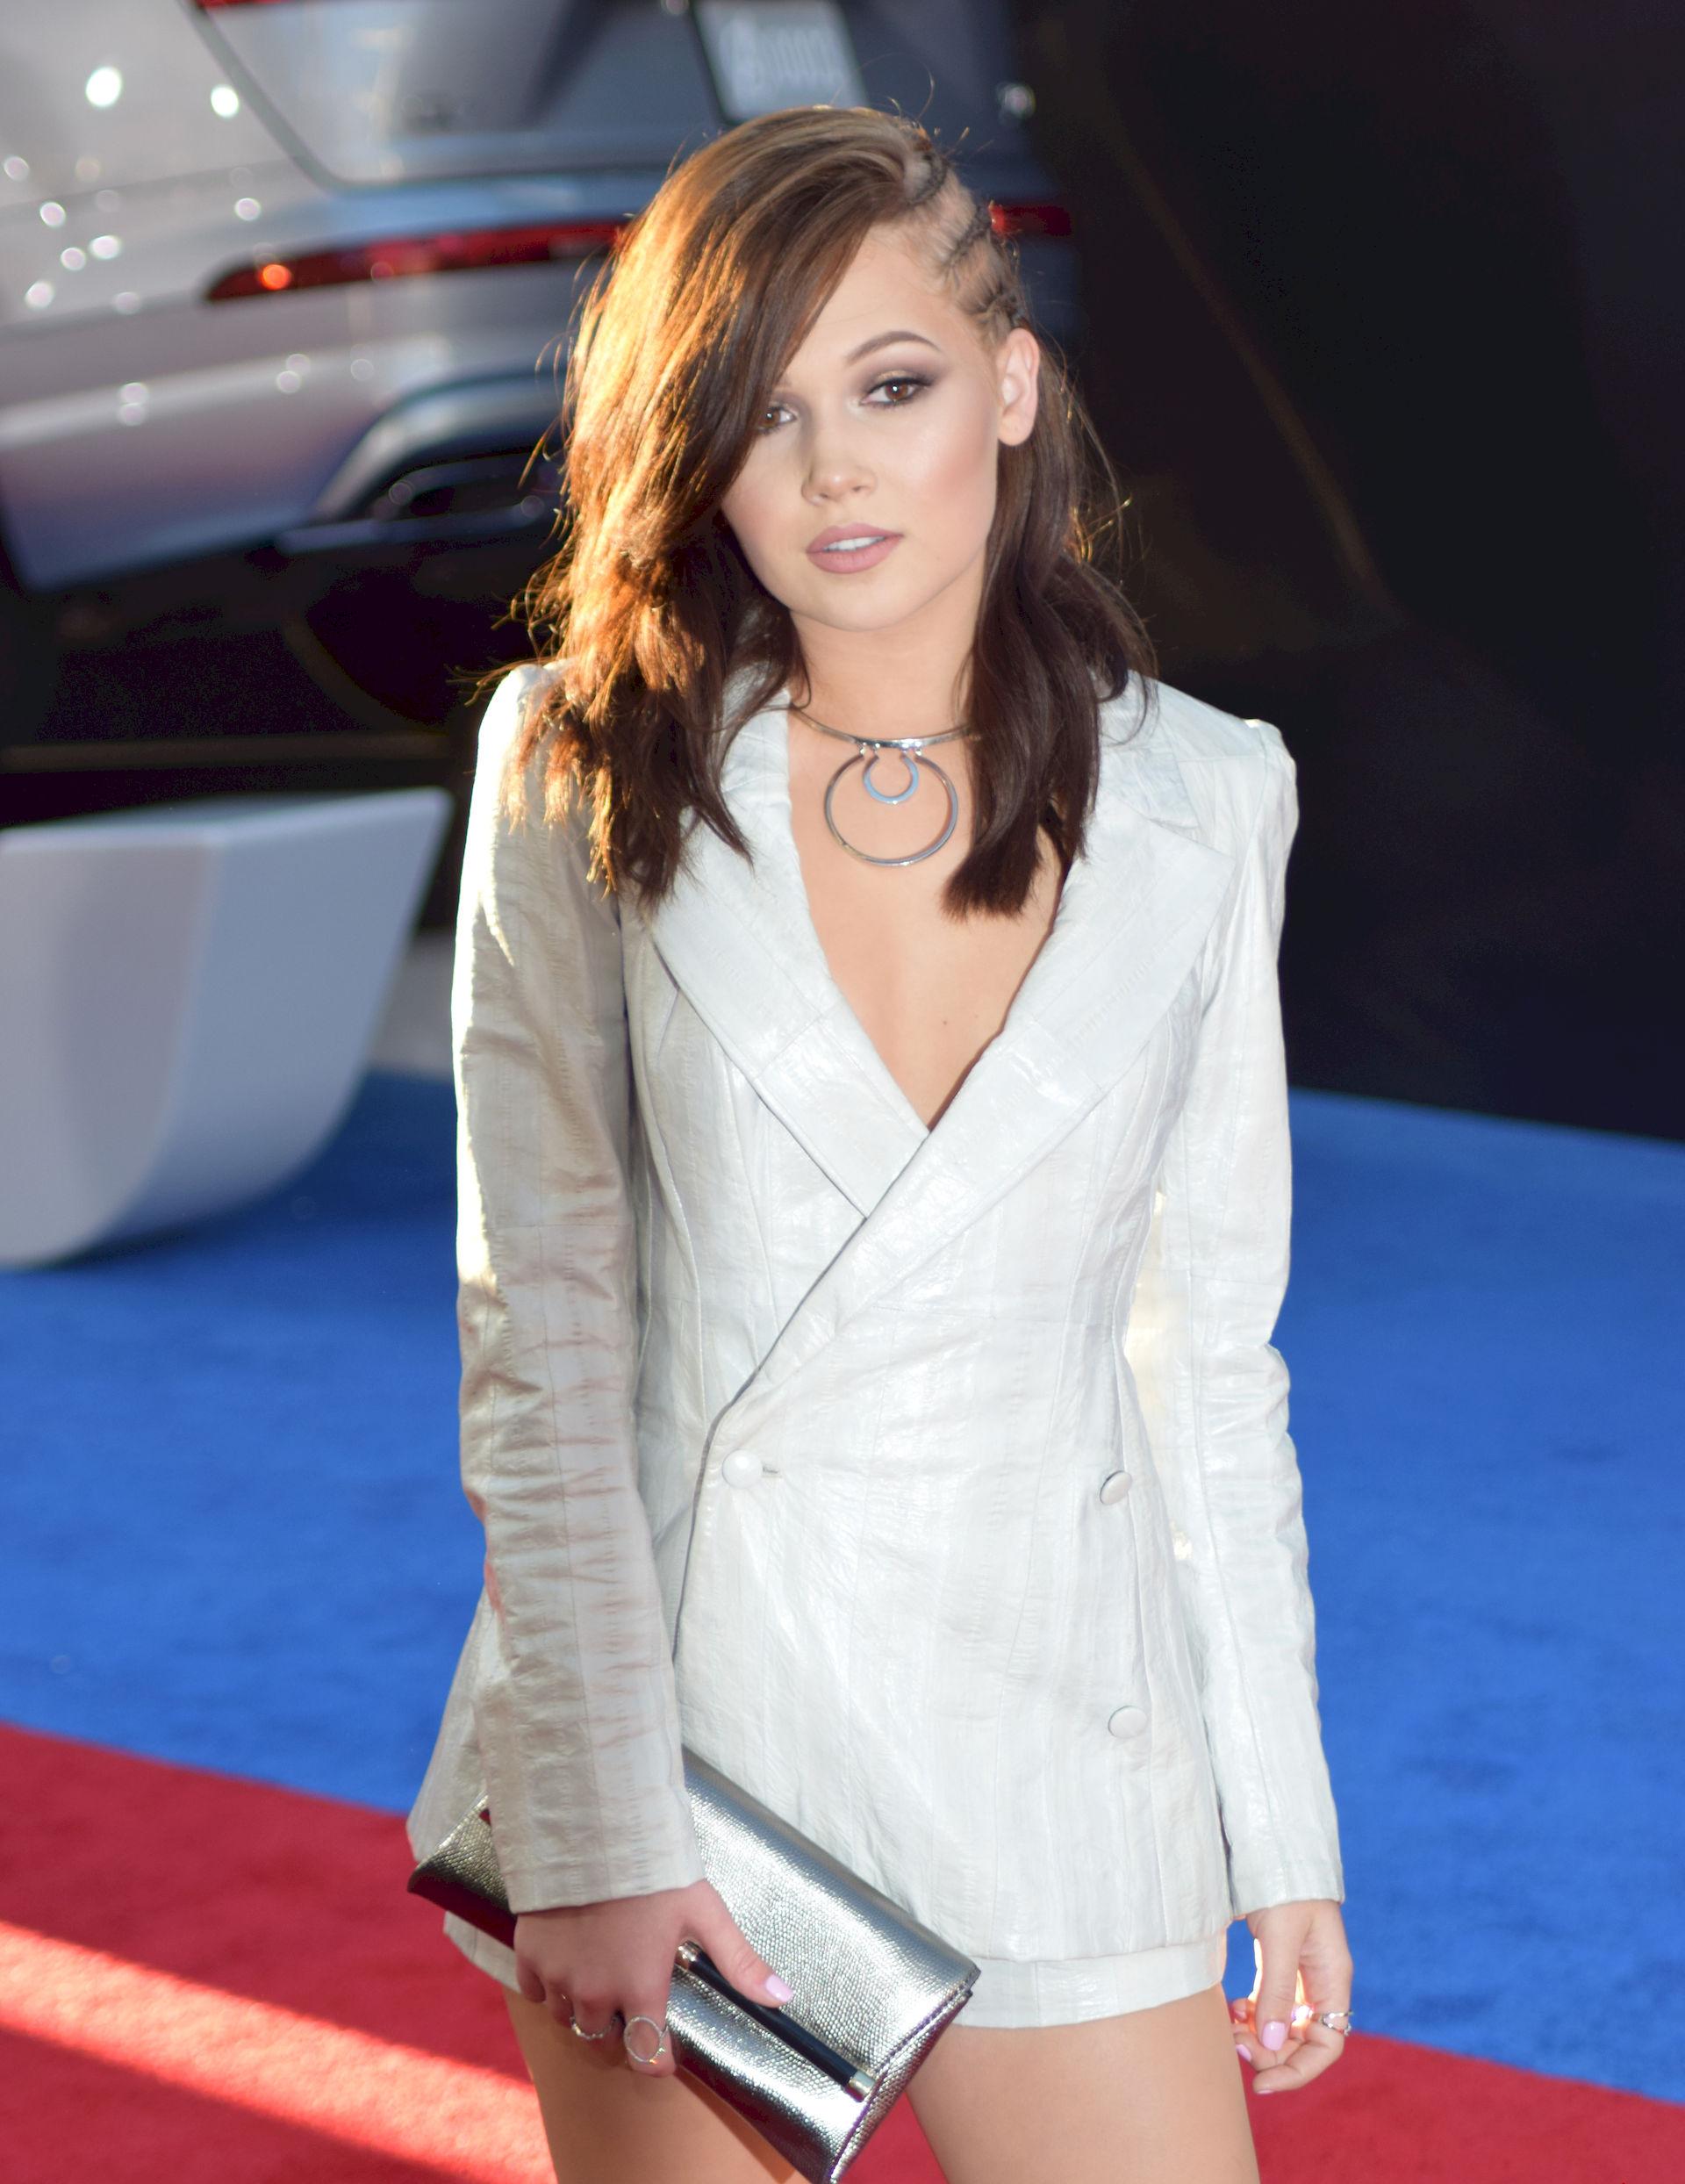 Photo of Kelli Berglund: Actress, dancer, singer